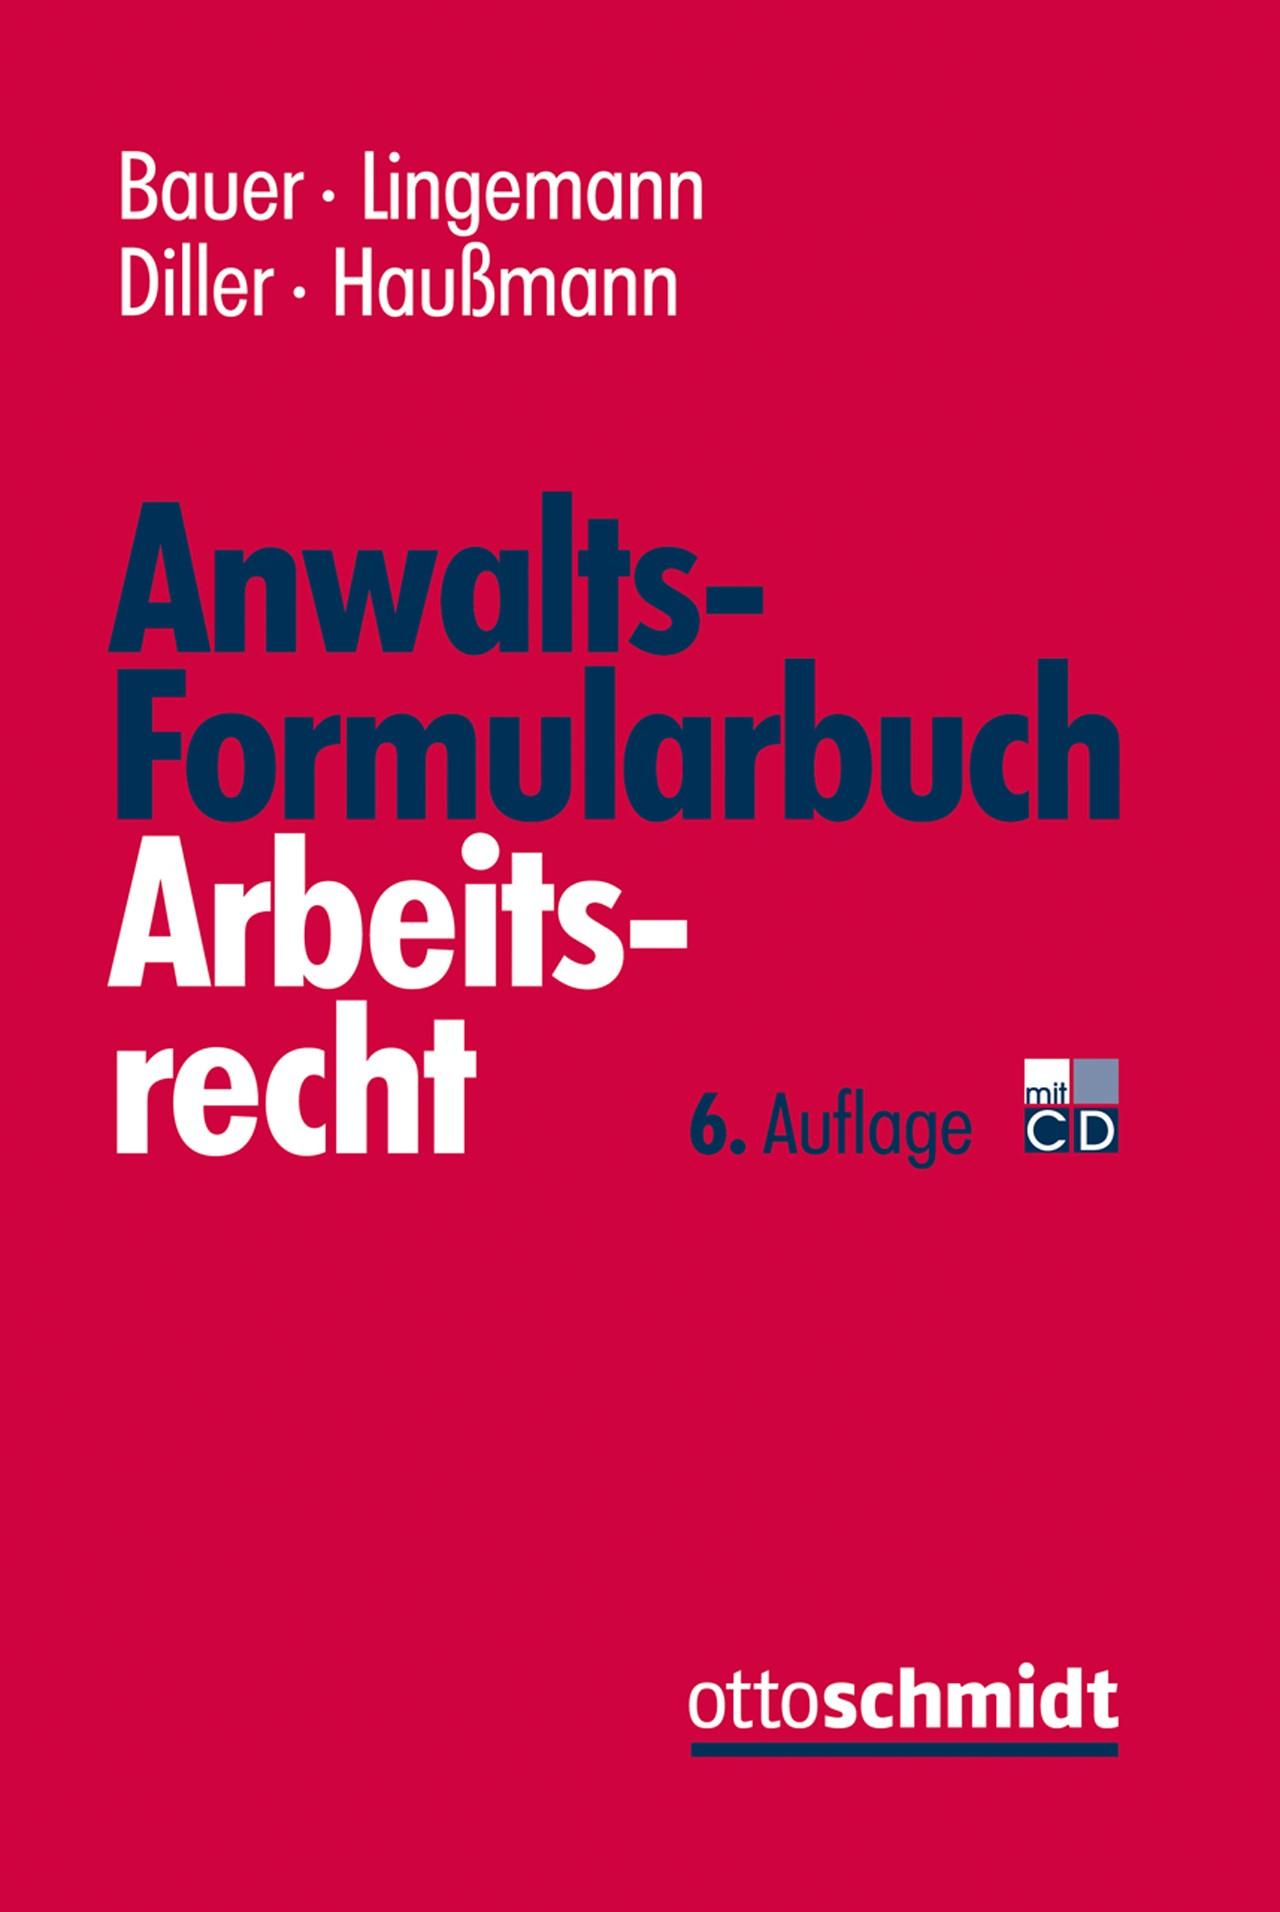 Anwalts-Formularbuch Arbeitsrecht | Bauer / Lingemann / Diller / Haußmann | 6., neu bearbeitete und erweiterte Auflage, 2017 (Cover)